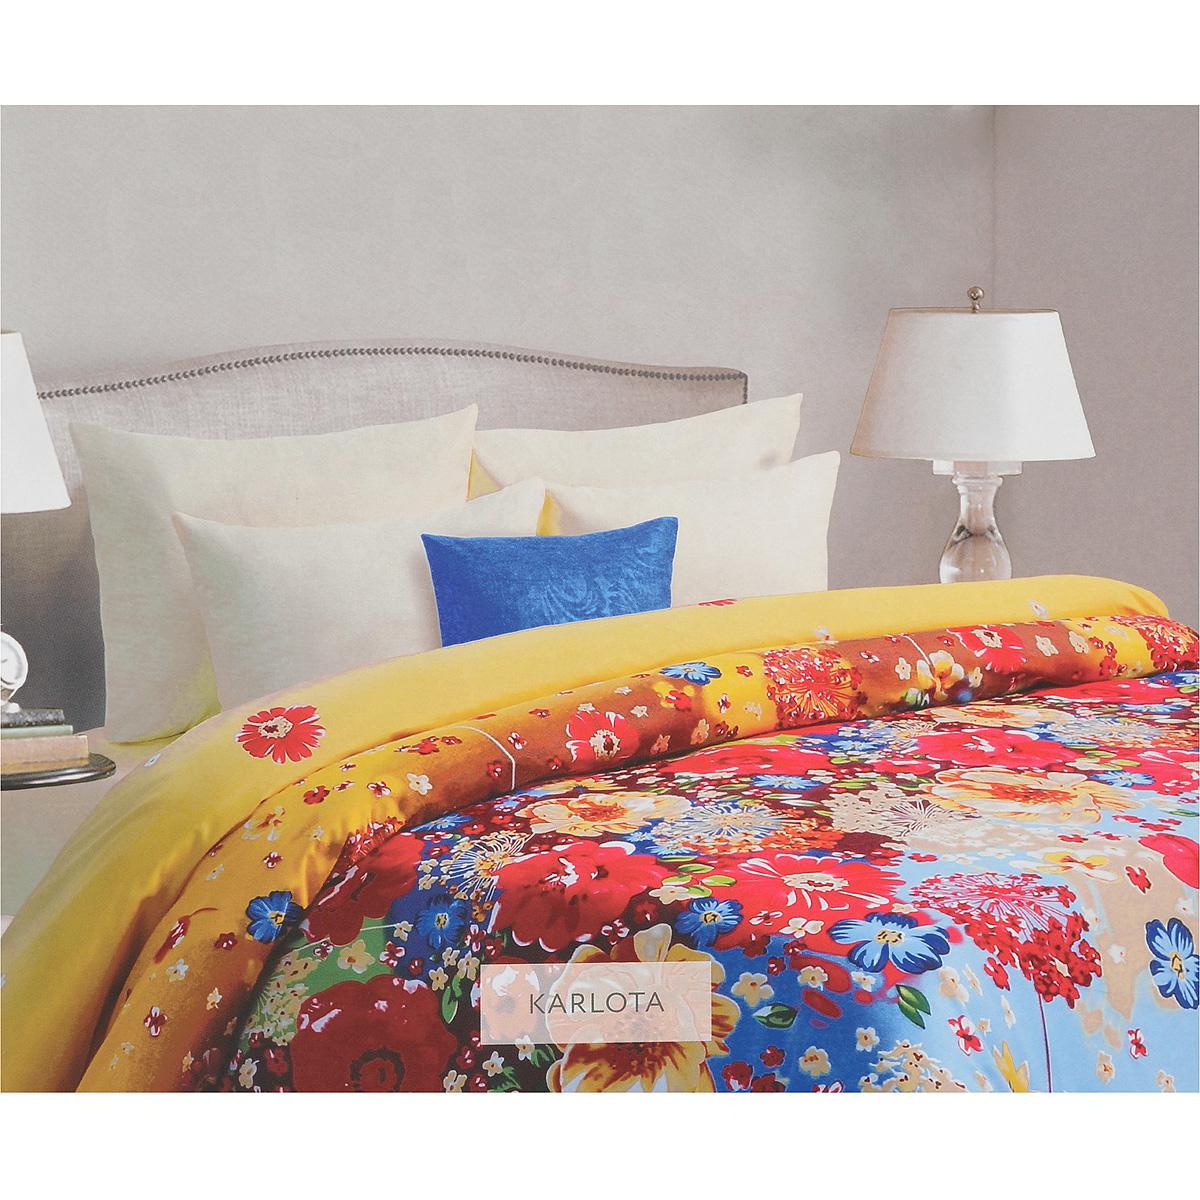 Комплект белья Mona Liza Karlota, 2-спальный, наволочки 70х70, цвет: желтый, голубой. 562203/5562203/5Комплект белья Mona Liza Karlota, выполненный из батиста (100% хлопок), состоит из пододеяльника, простыни и двух наволочек. Изделия оформлены красивым цветочным рисунком. Батист - тонкая, легкая натуральная ткань полотняного переплетения. Ткань с незначительной сминаемостью, хорошо сохраняющая цвет при стирке, легкая, с прекрасными гигиеническими показателями. В комплект входит: Пододеяльник - 1 шт. Размер: 175 см х 210 см. Простыня - 1 шт. Размер: 215 см х 240 см. Наволочка - 2 шт. Размер: 70 см х 70 см. Рекомендации по уходу: - Ручная и машинная стирка 40°С, - Гладить при температуре не более 150°С, - Не использовать хлорсодержащие средства, - Щадящая сушка, - Не подвергать химчистке.